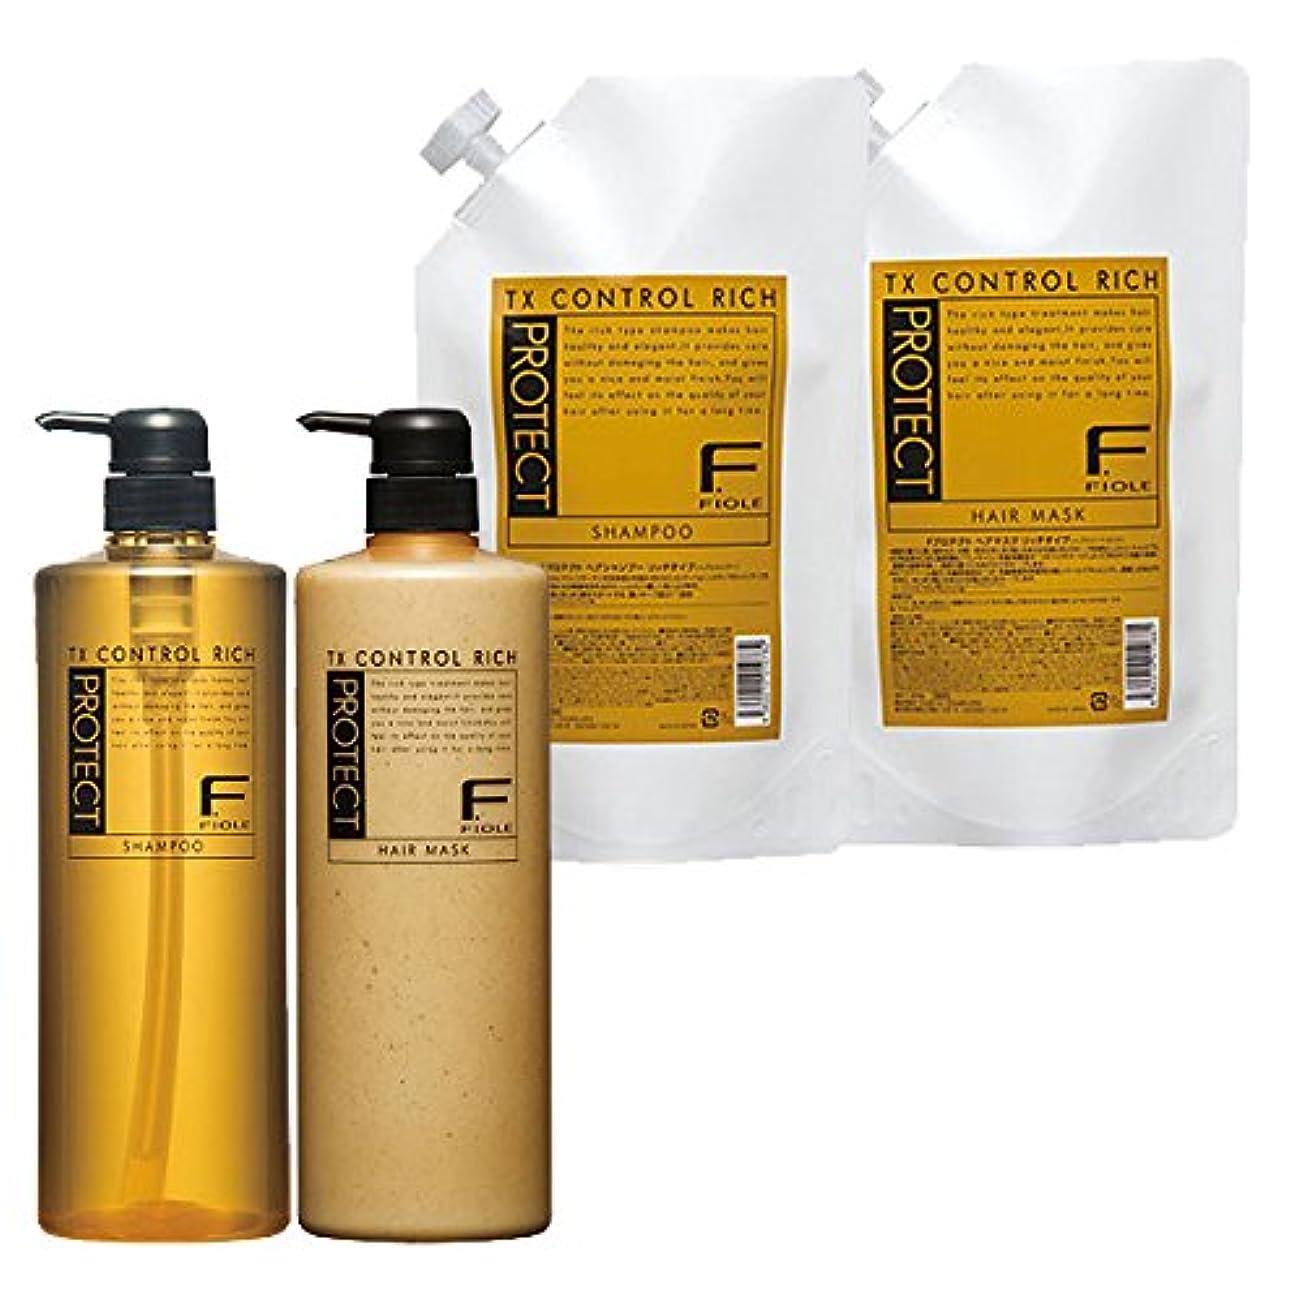 汚染する起きる新年フィヨーレ Fプロテクト リッチタイプ シャンプー 1000mL+1000mL + ヘアマスク 1000g+1000g セット ボトル 詰め替え fiole